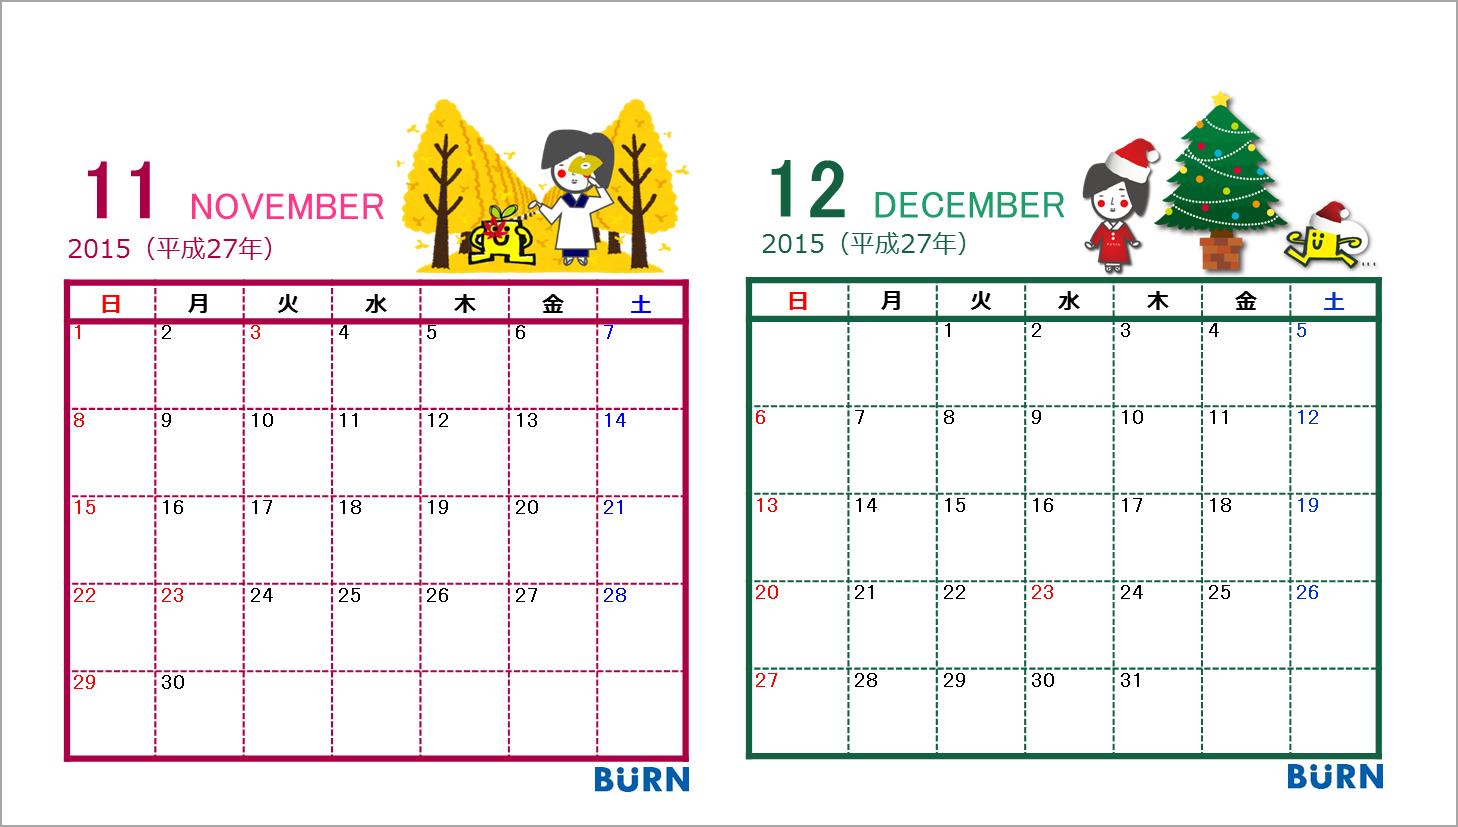 2015年版 やまちゃんカレンダーの11 12月分だよ 株式会社バーン